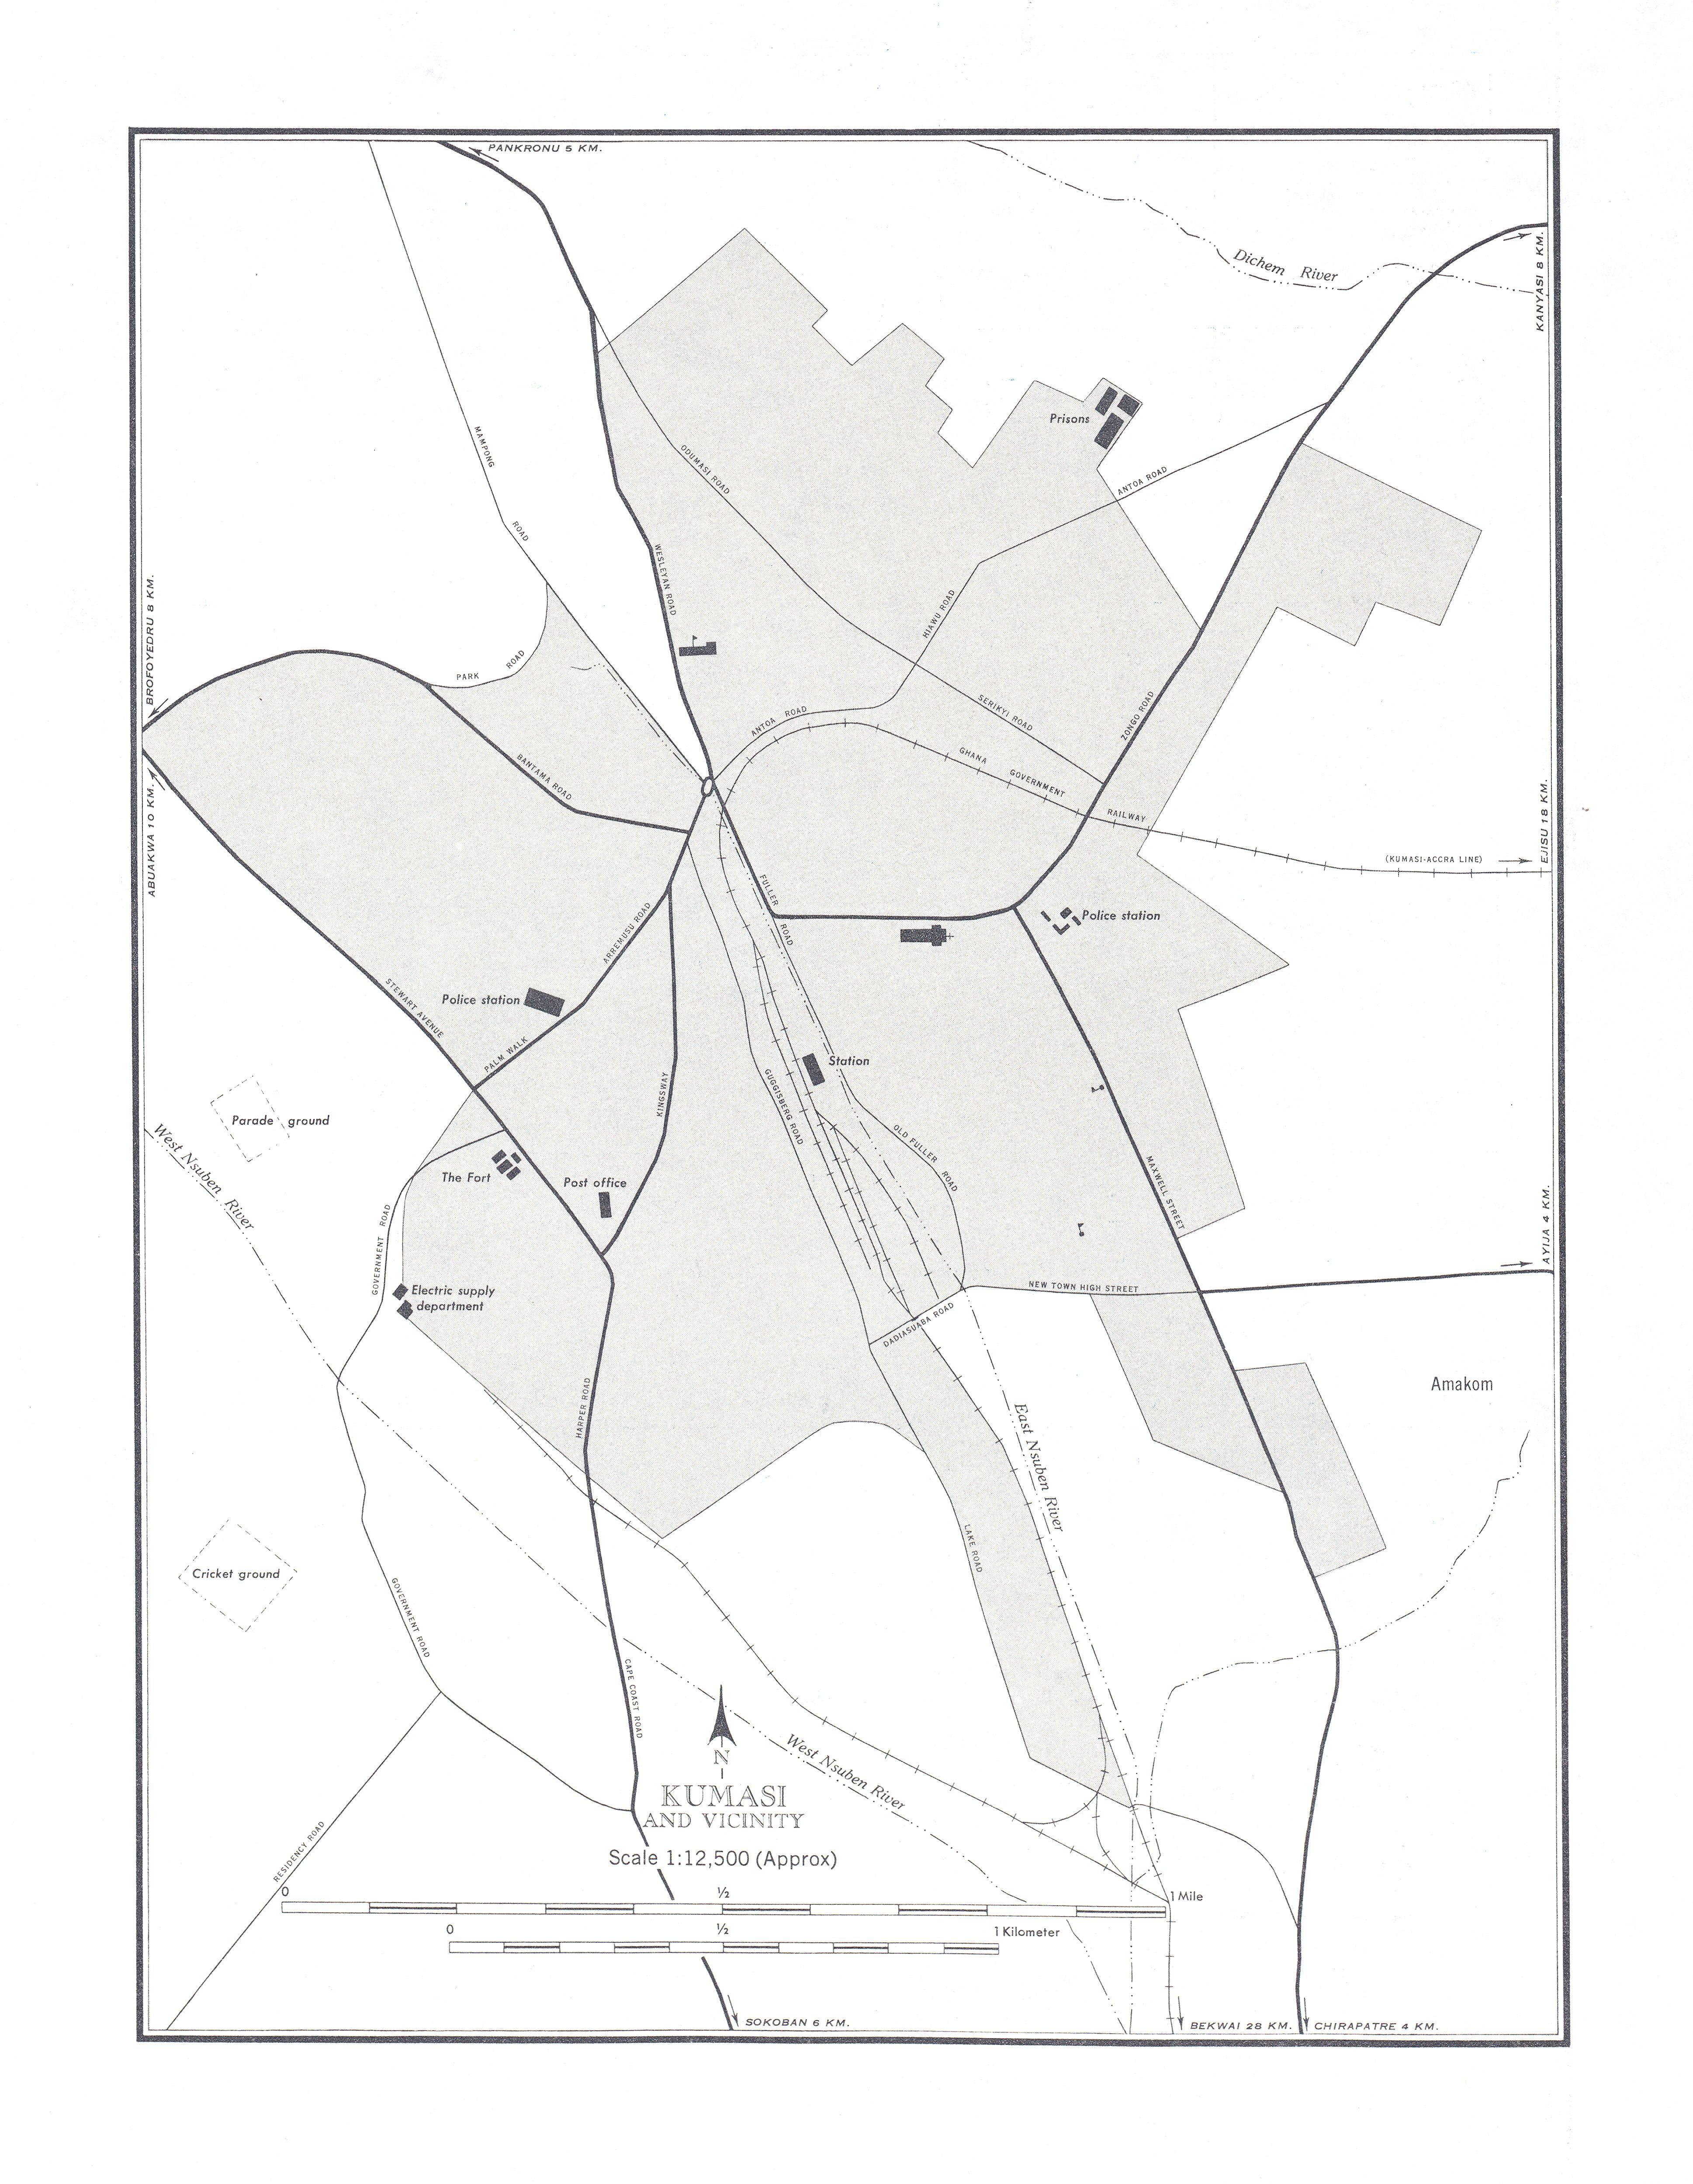 Mapa de la Ciudad de Kumasi y Cercanías, Ghana 1955